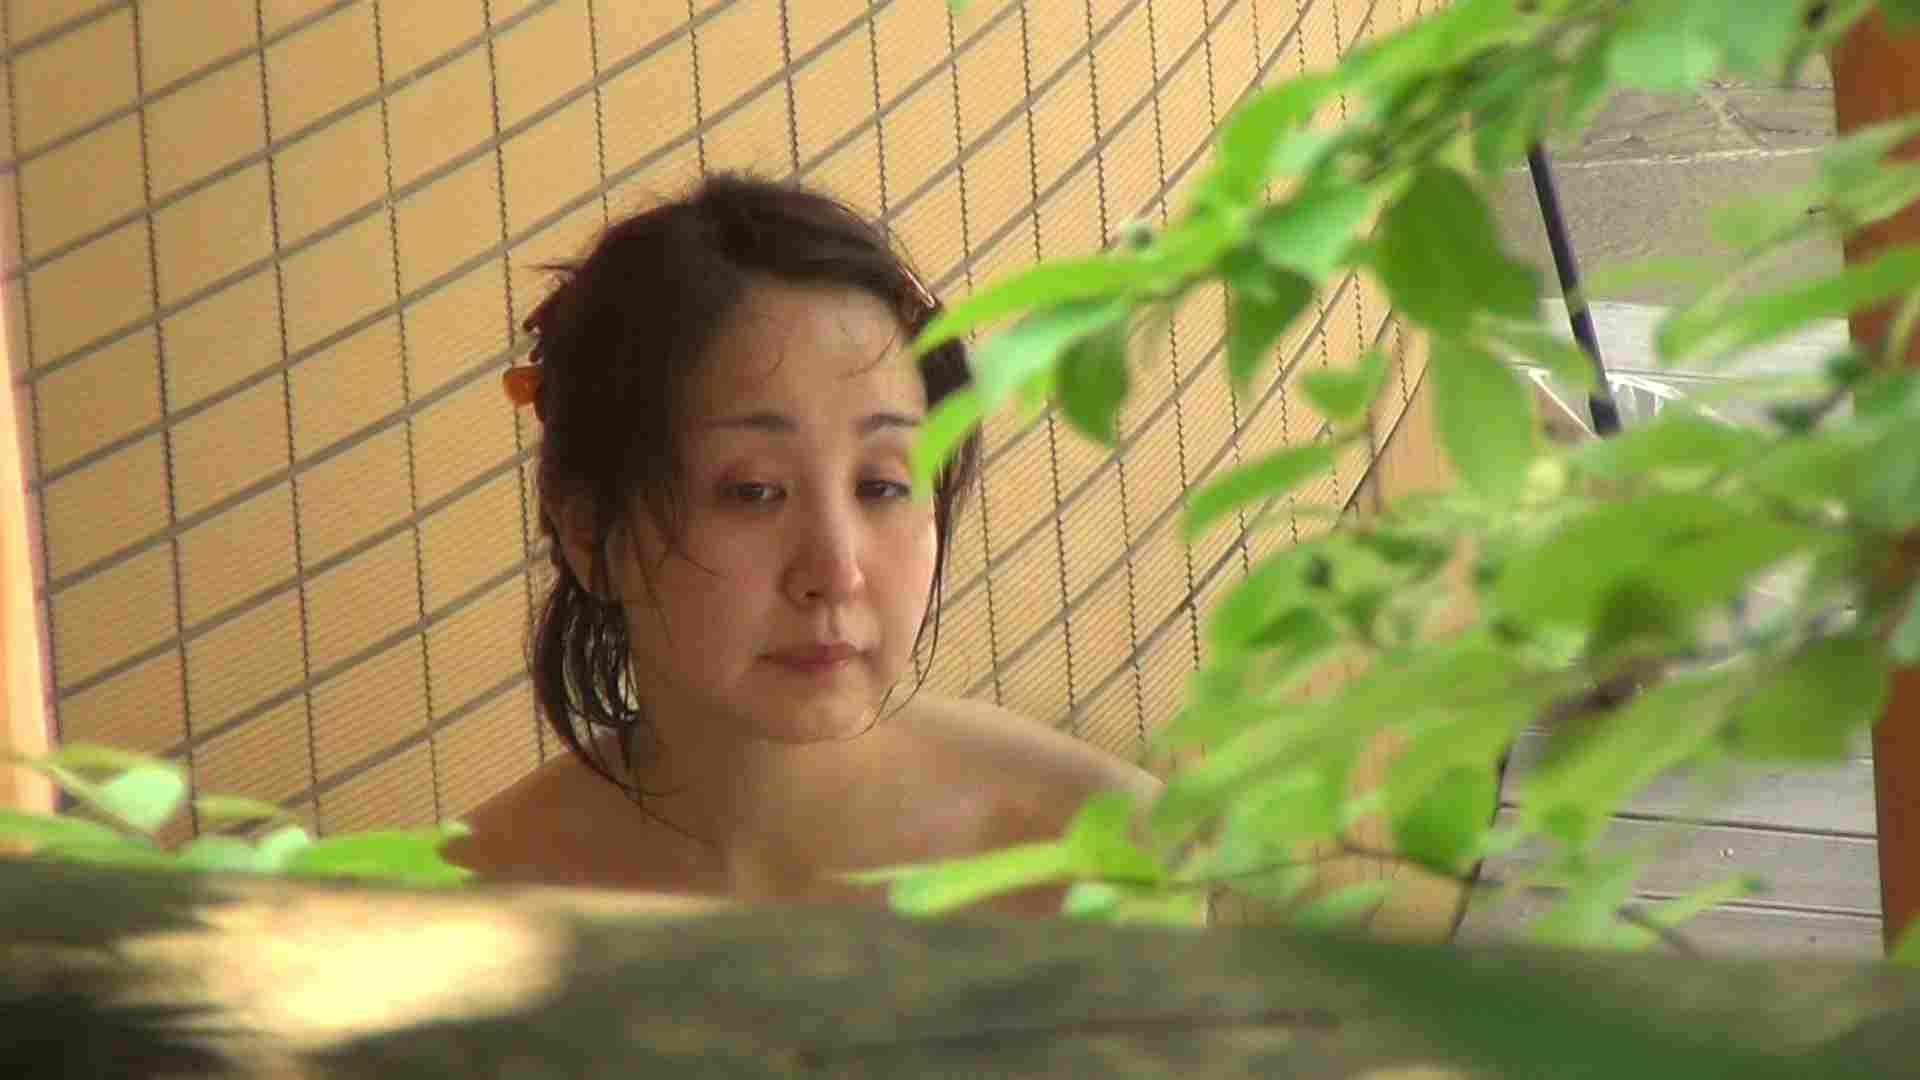 Aquaな露天風呂Vol.308 OLのプライベート おまんこ無修正動画無料 12pic 5